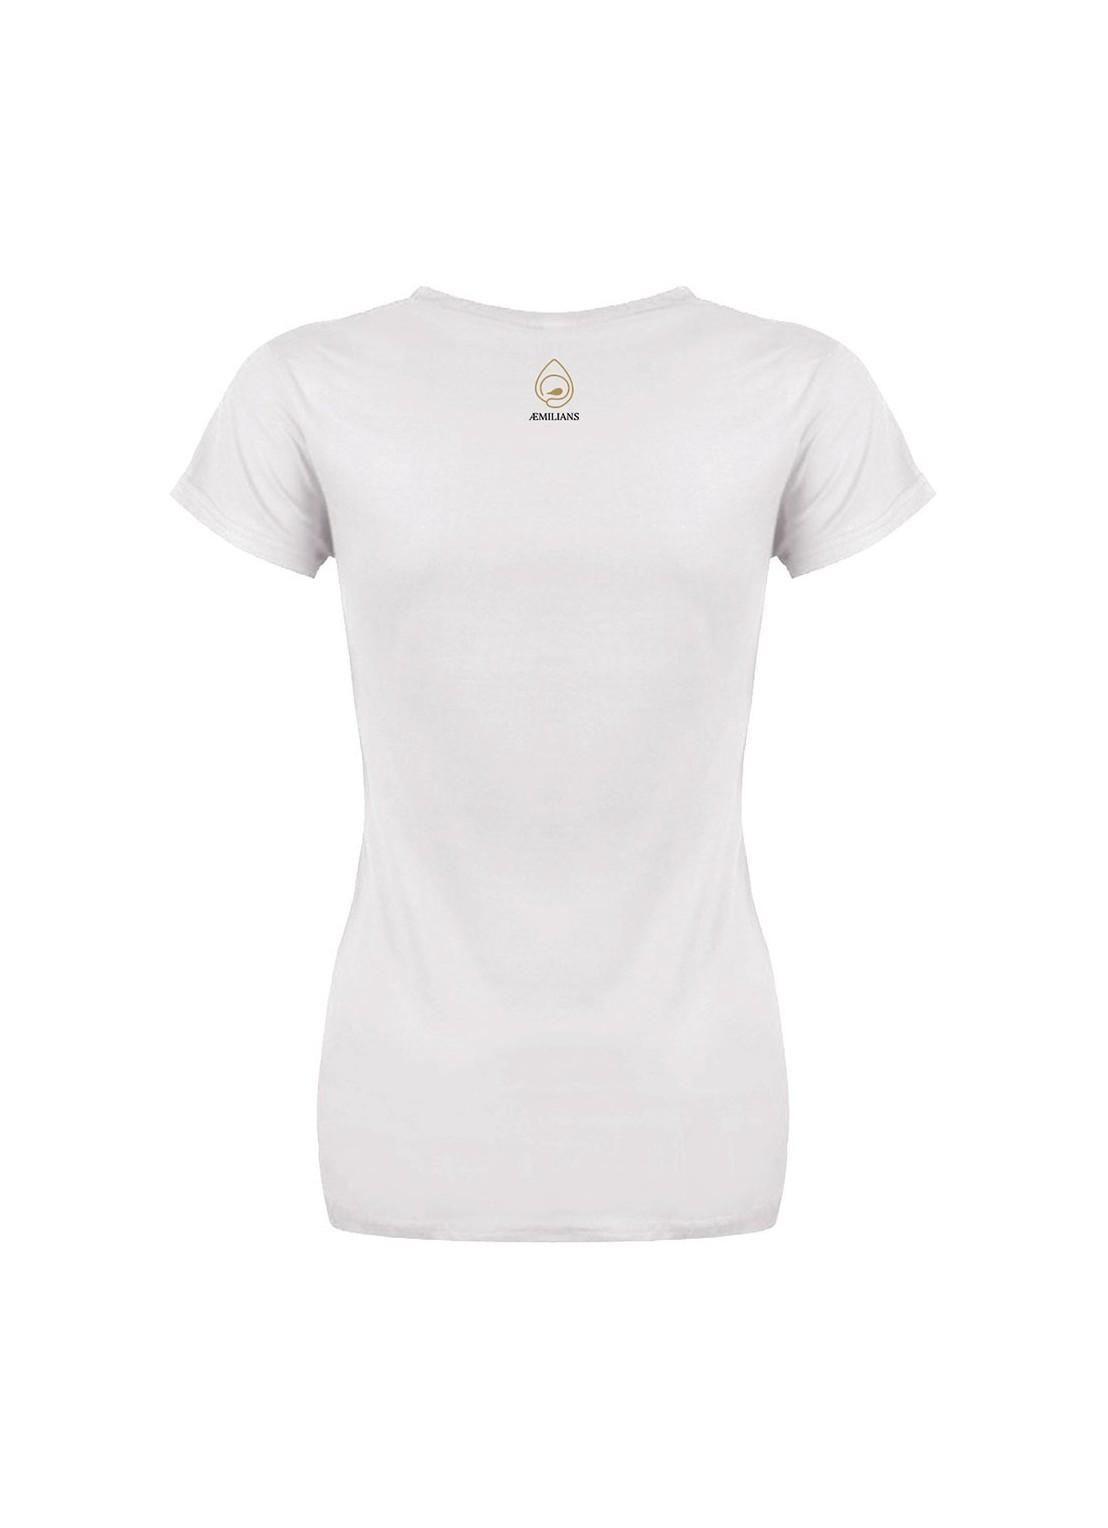 T-shirt MAGELLANO nera unisex